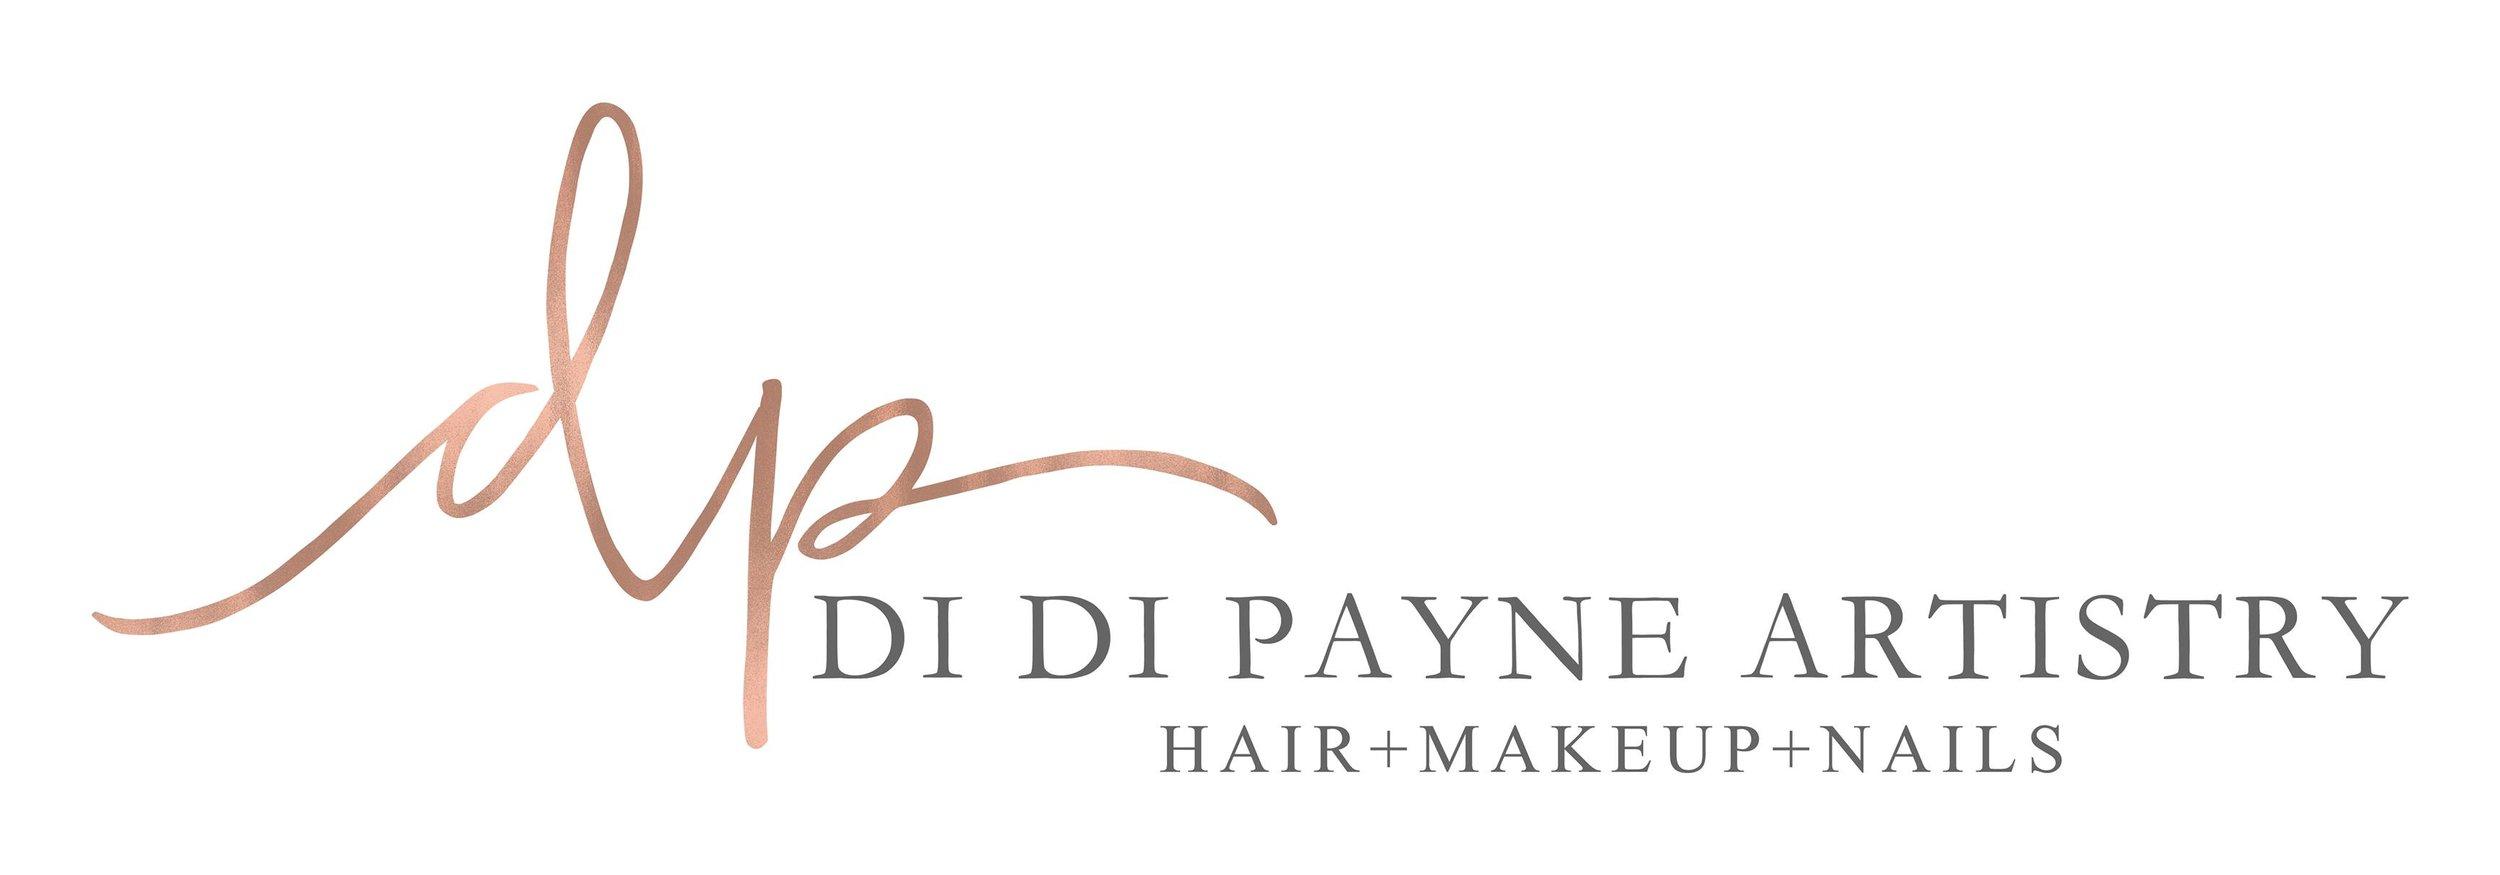 Di Di Payne Artistry Logo